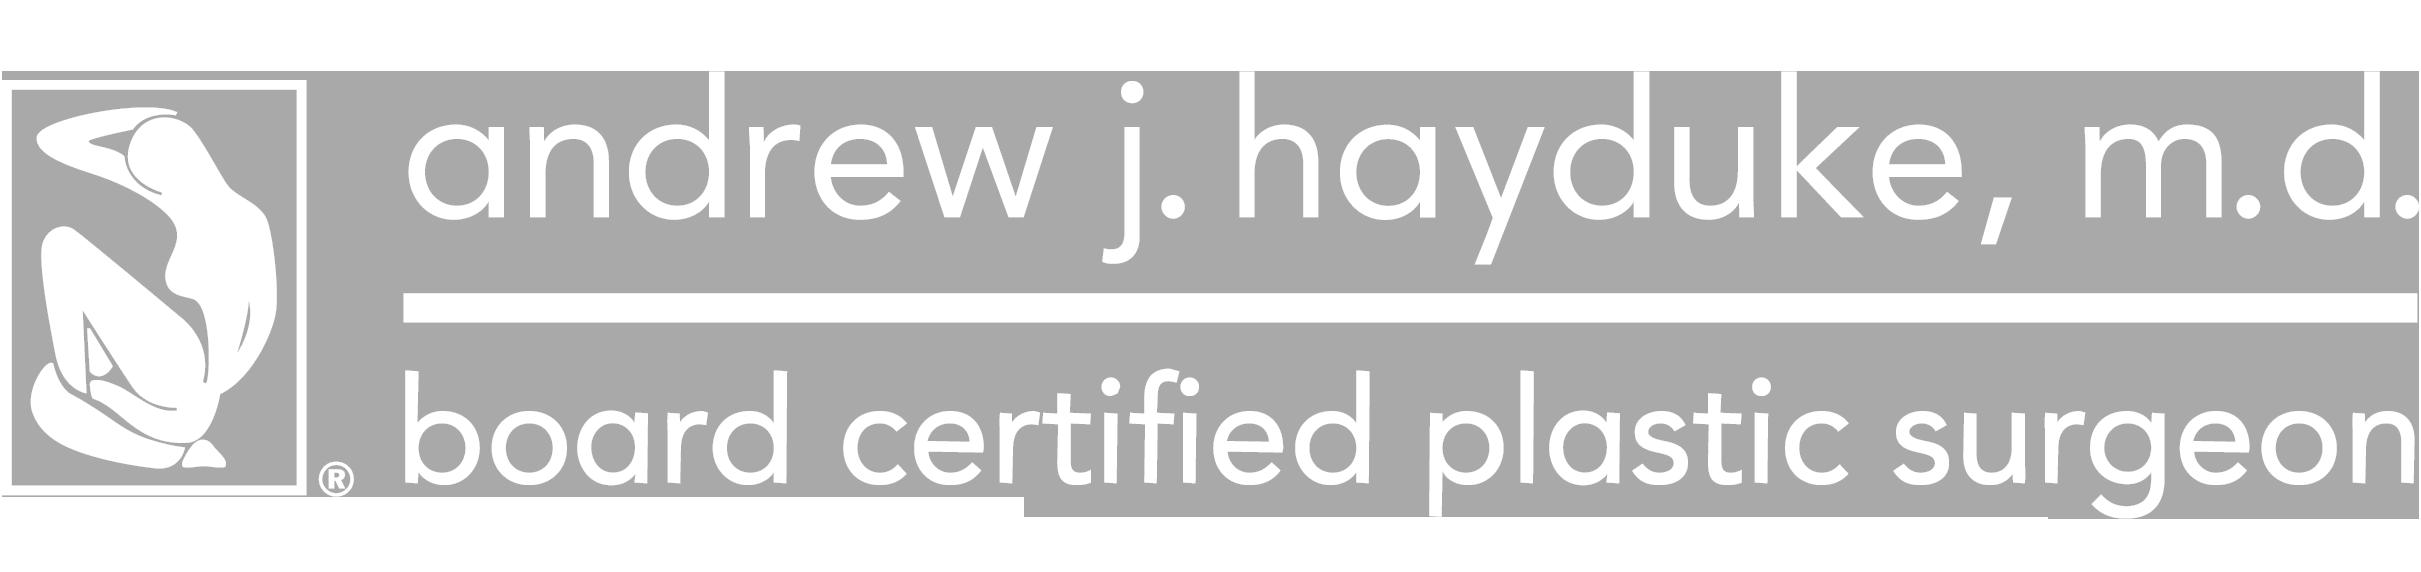 andrew j. hayduke